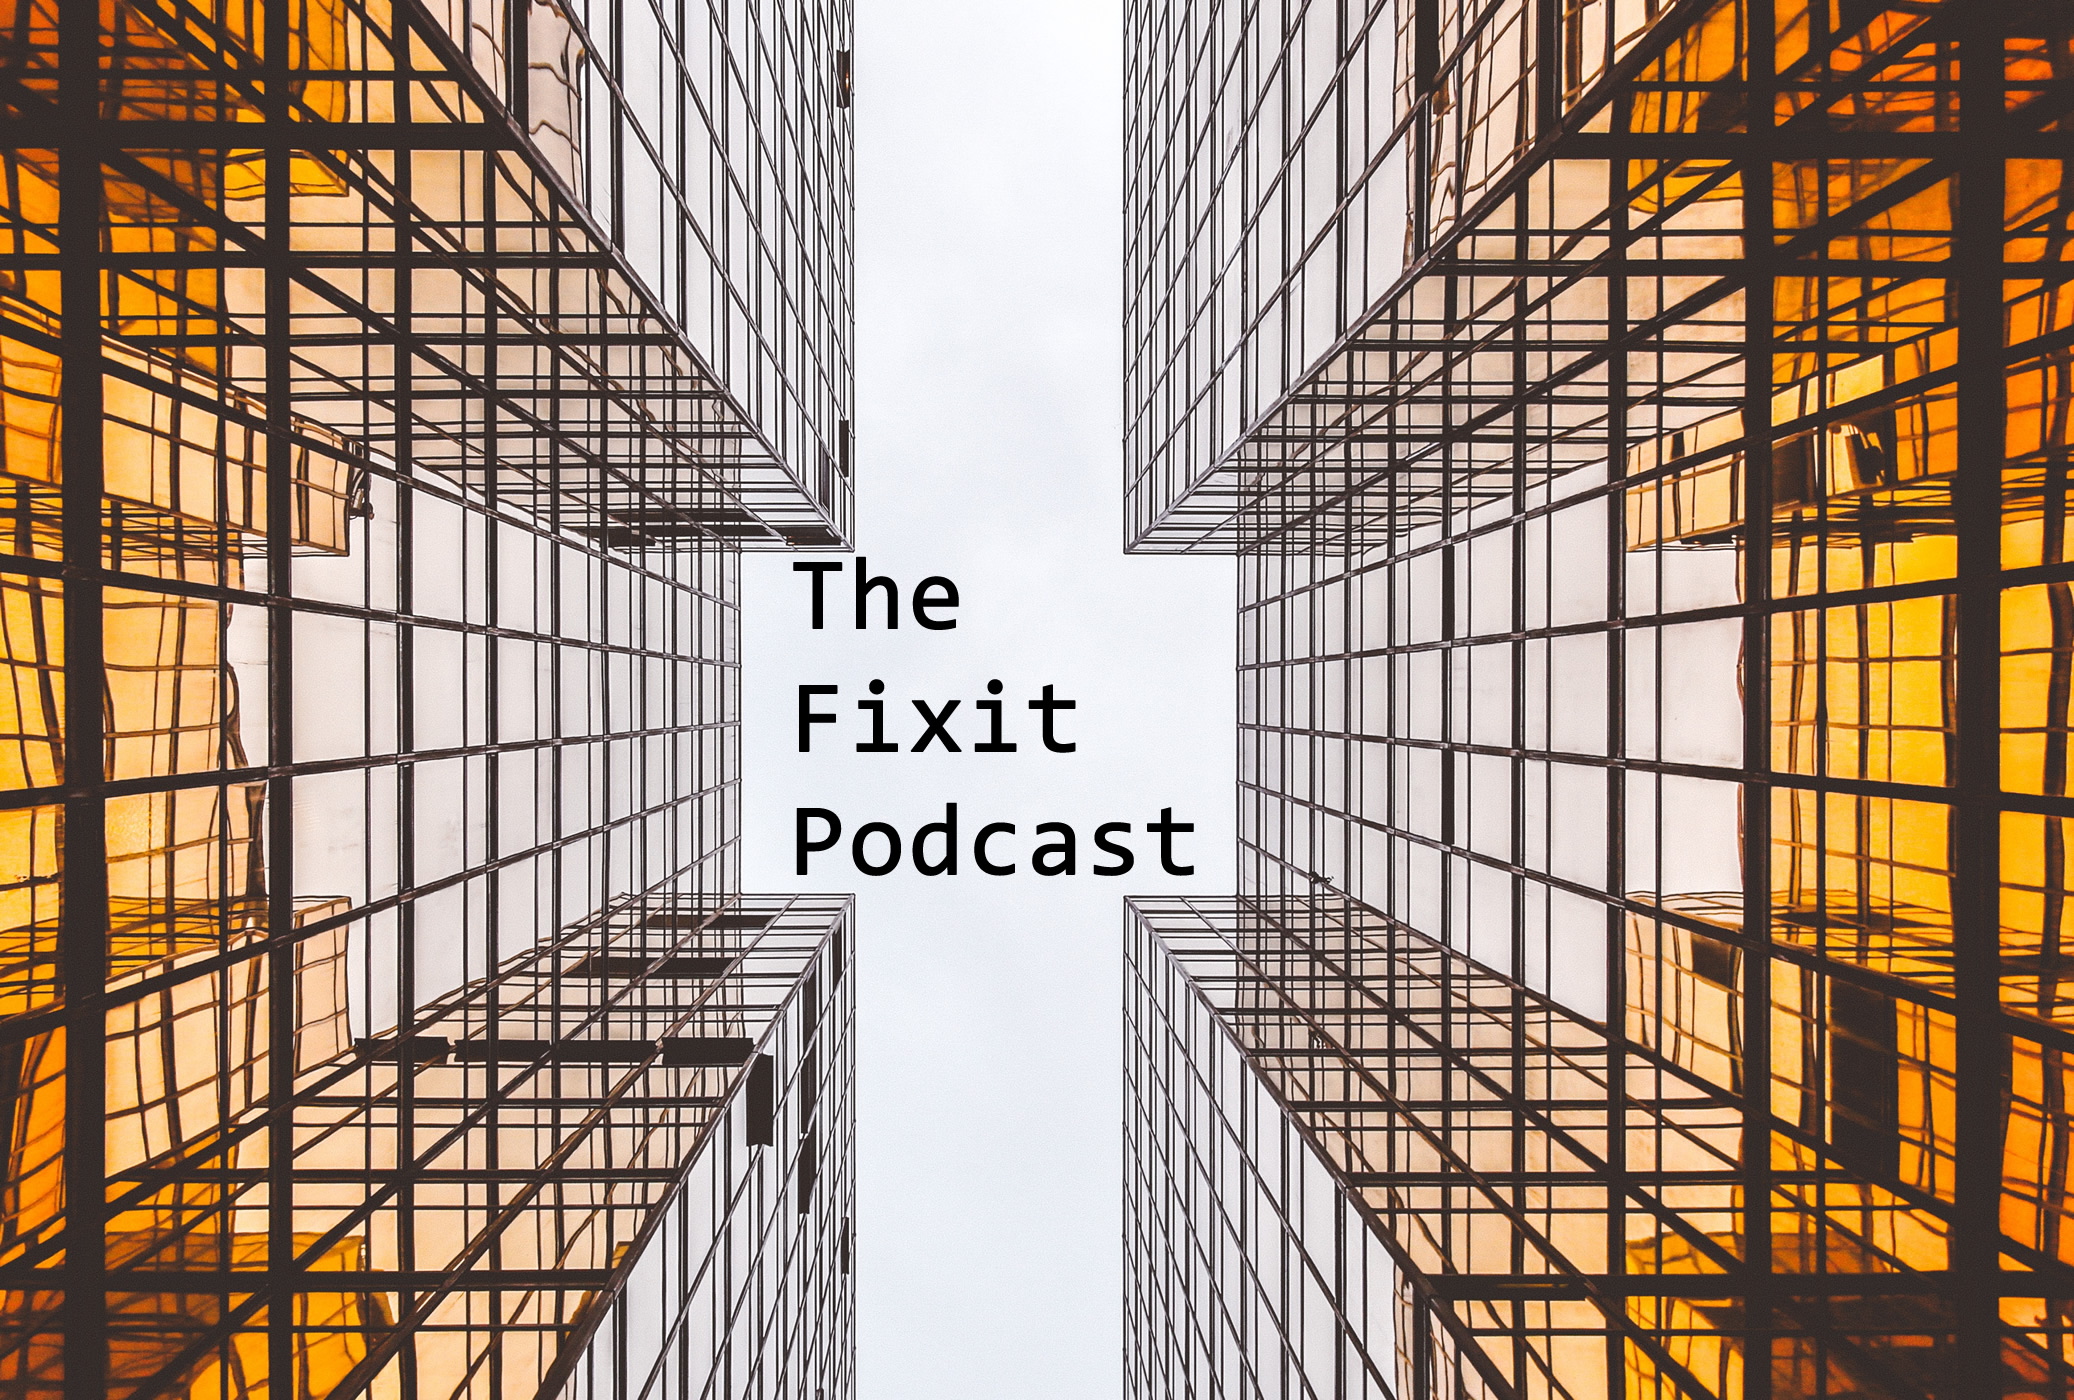 Fixit Podcast